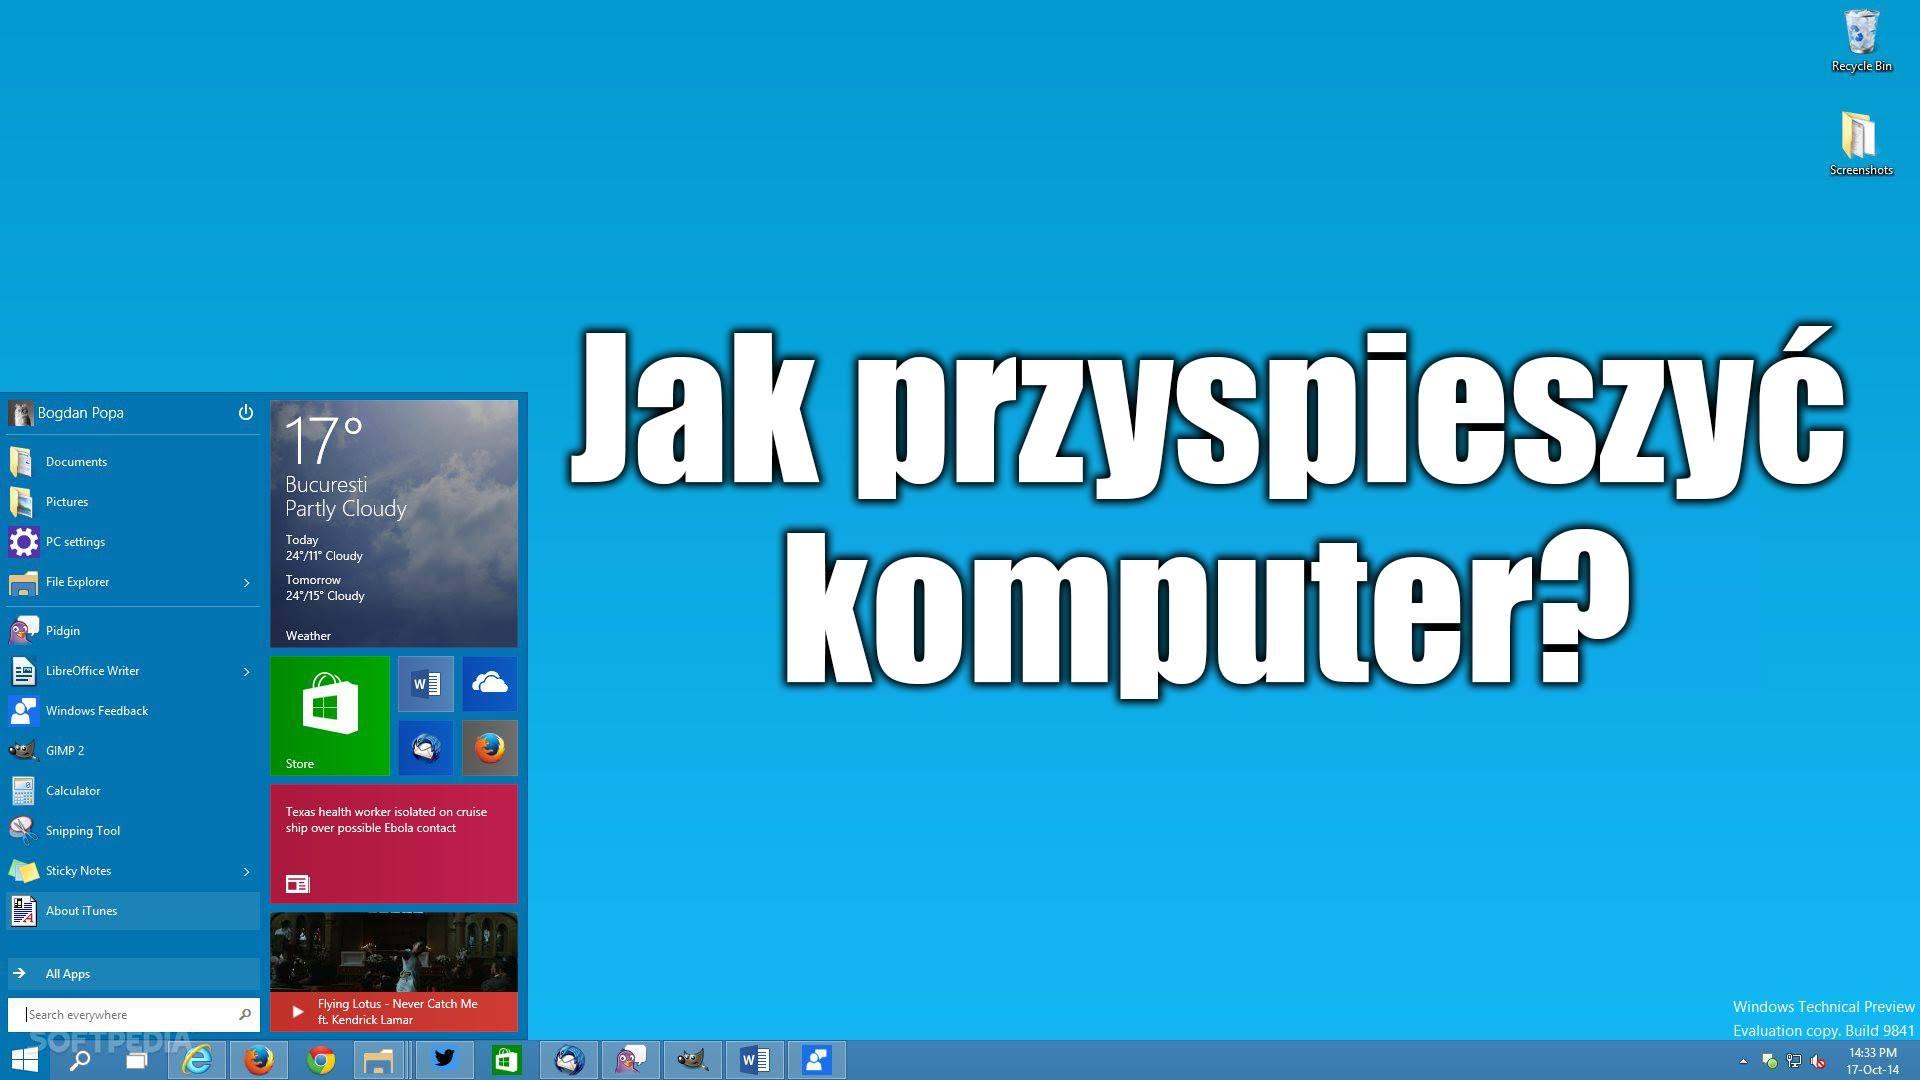 jak przyspieszyć komputer